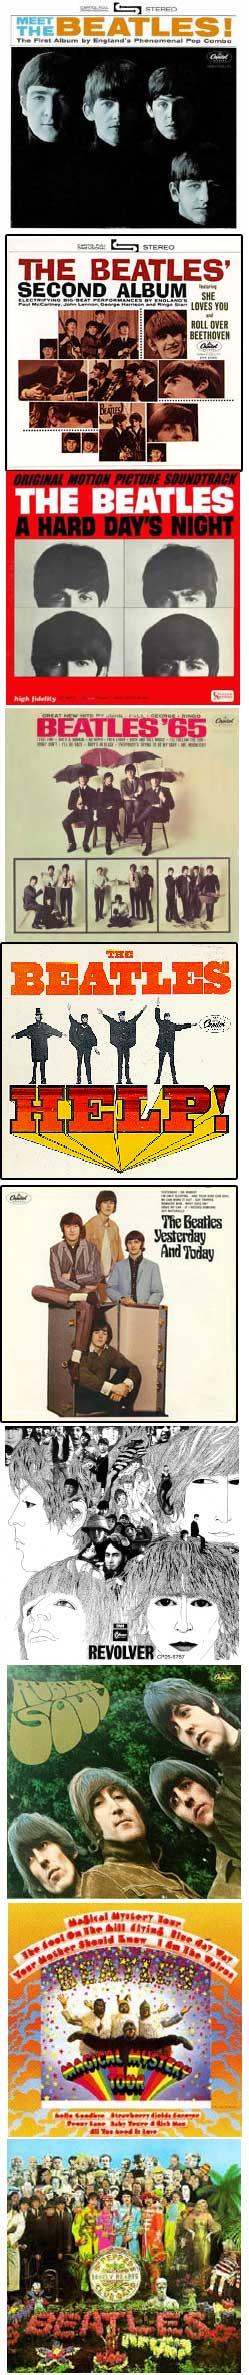 Beatle albums